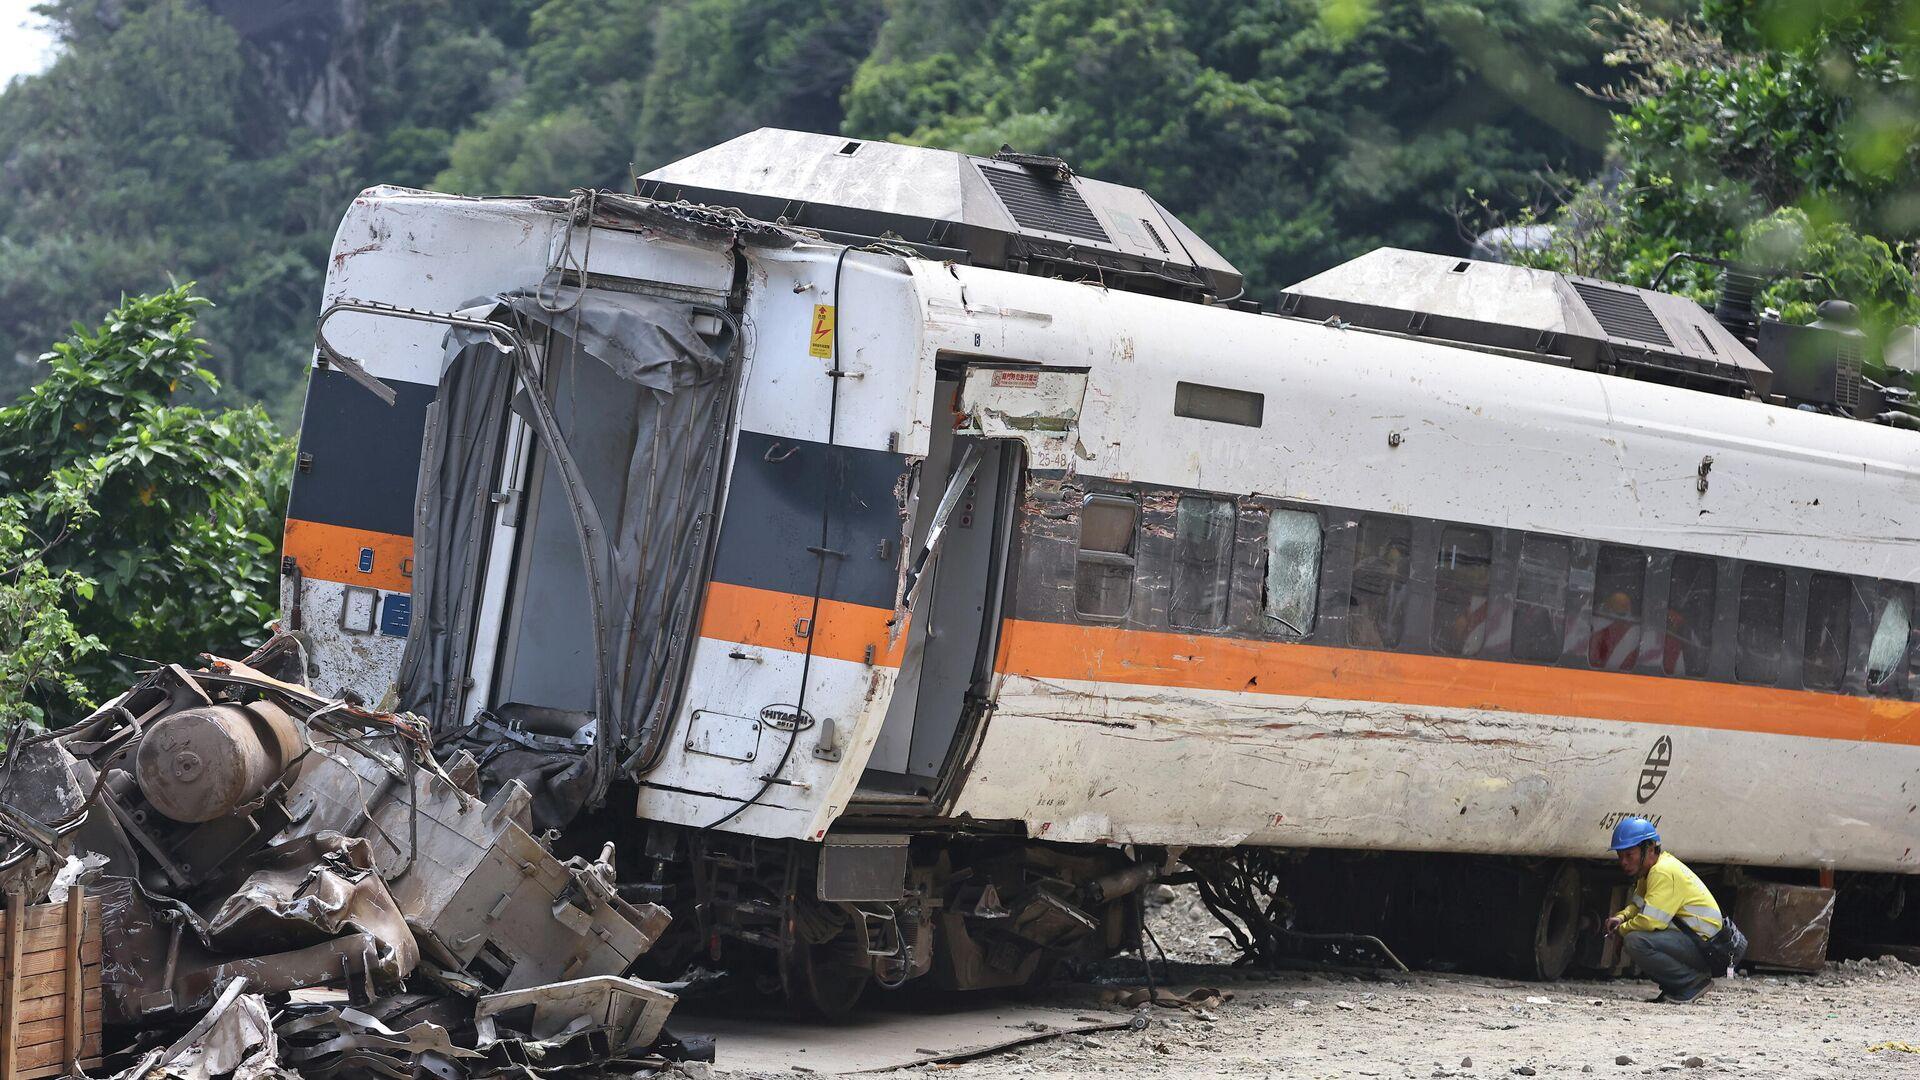 Lugar del accidente de tren en Taiwán - Sputnik Mundo, 1920, 06.04.2021